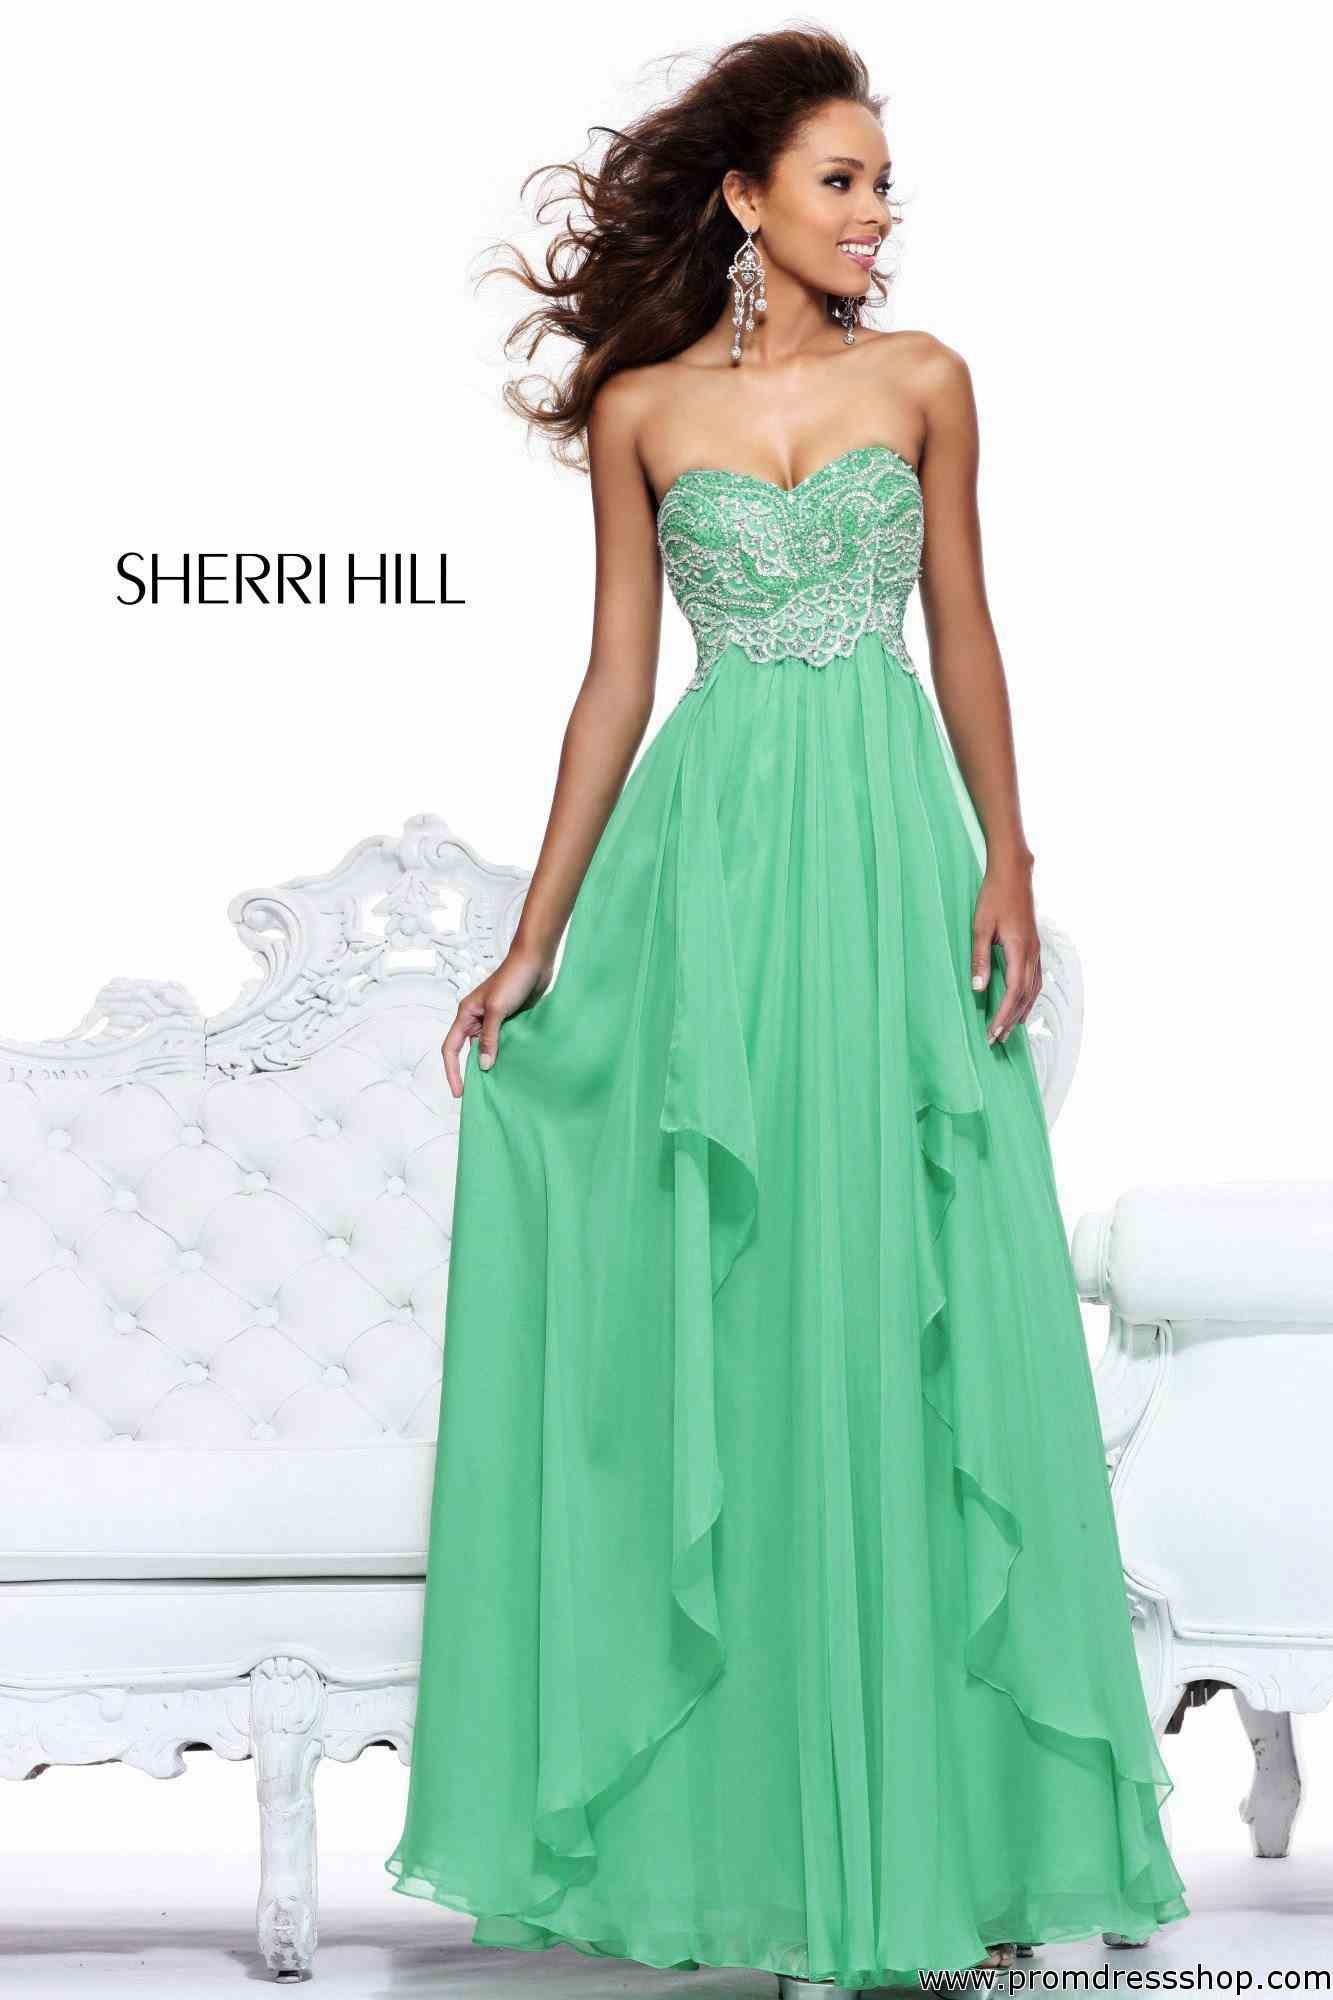 3105e1e0c05e Sherri Hill Sweetheart Neckline Beaded Dress 3874 | Lauren's Prom ...